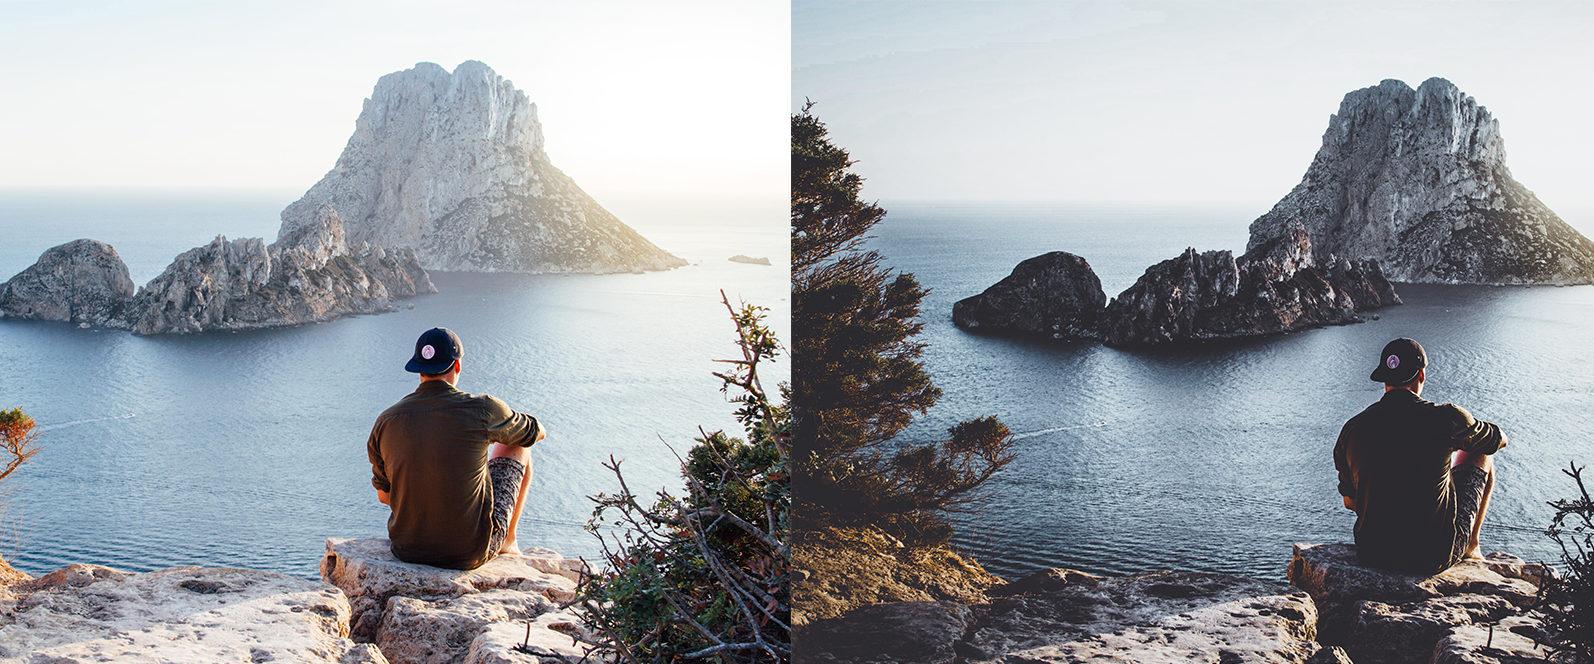 10 x Moody Landscape Lightroom Presets, Travel Presets | Mobile and Desktop - 7 Moody Landscapes 1 -